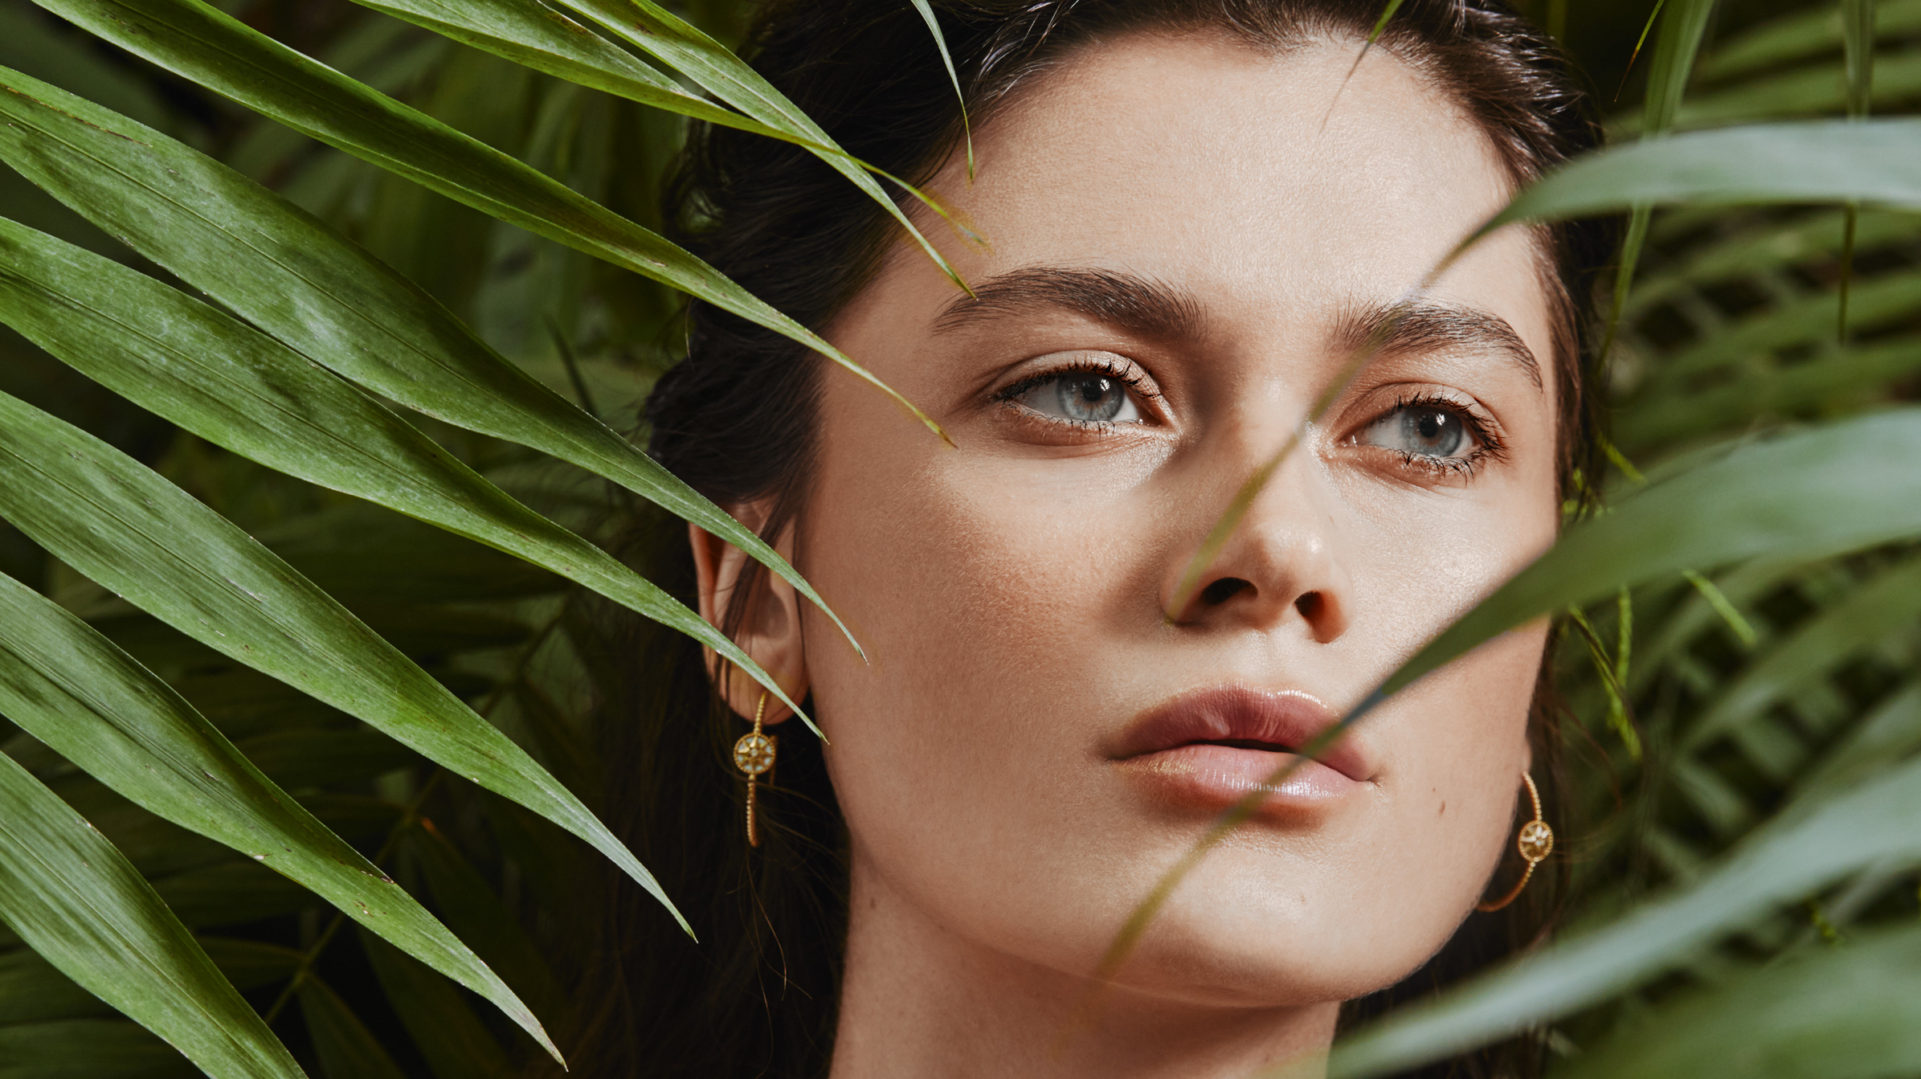 Как сделать эффект загара с помощью макияжа